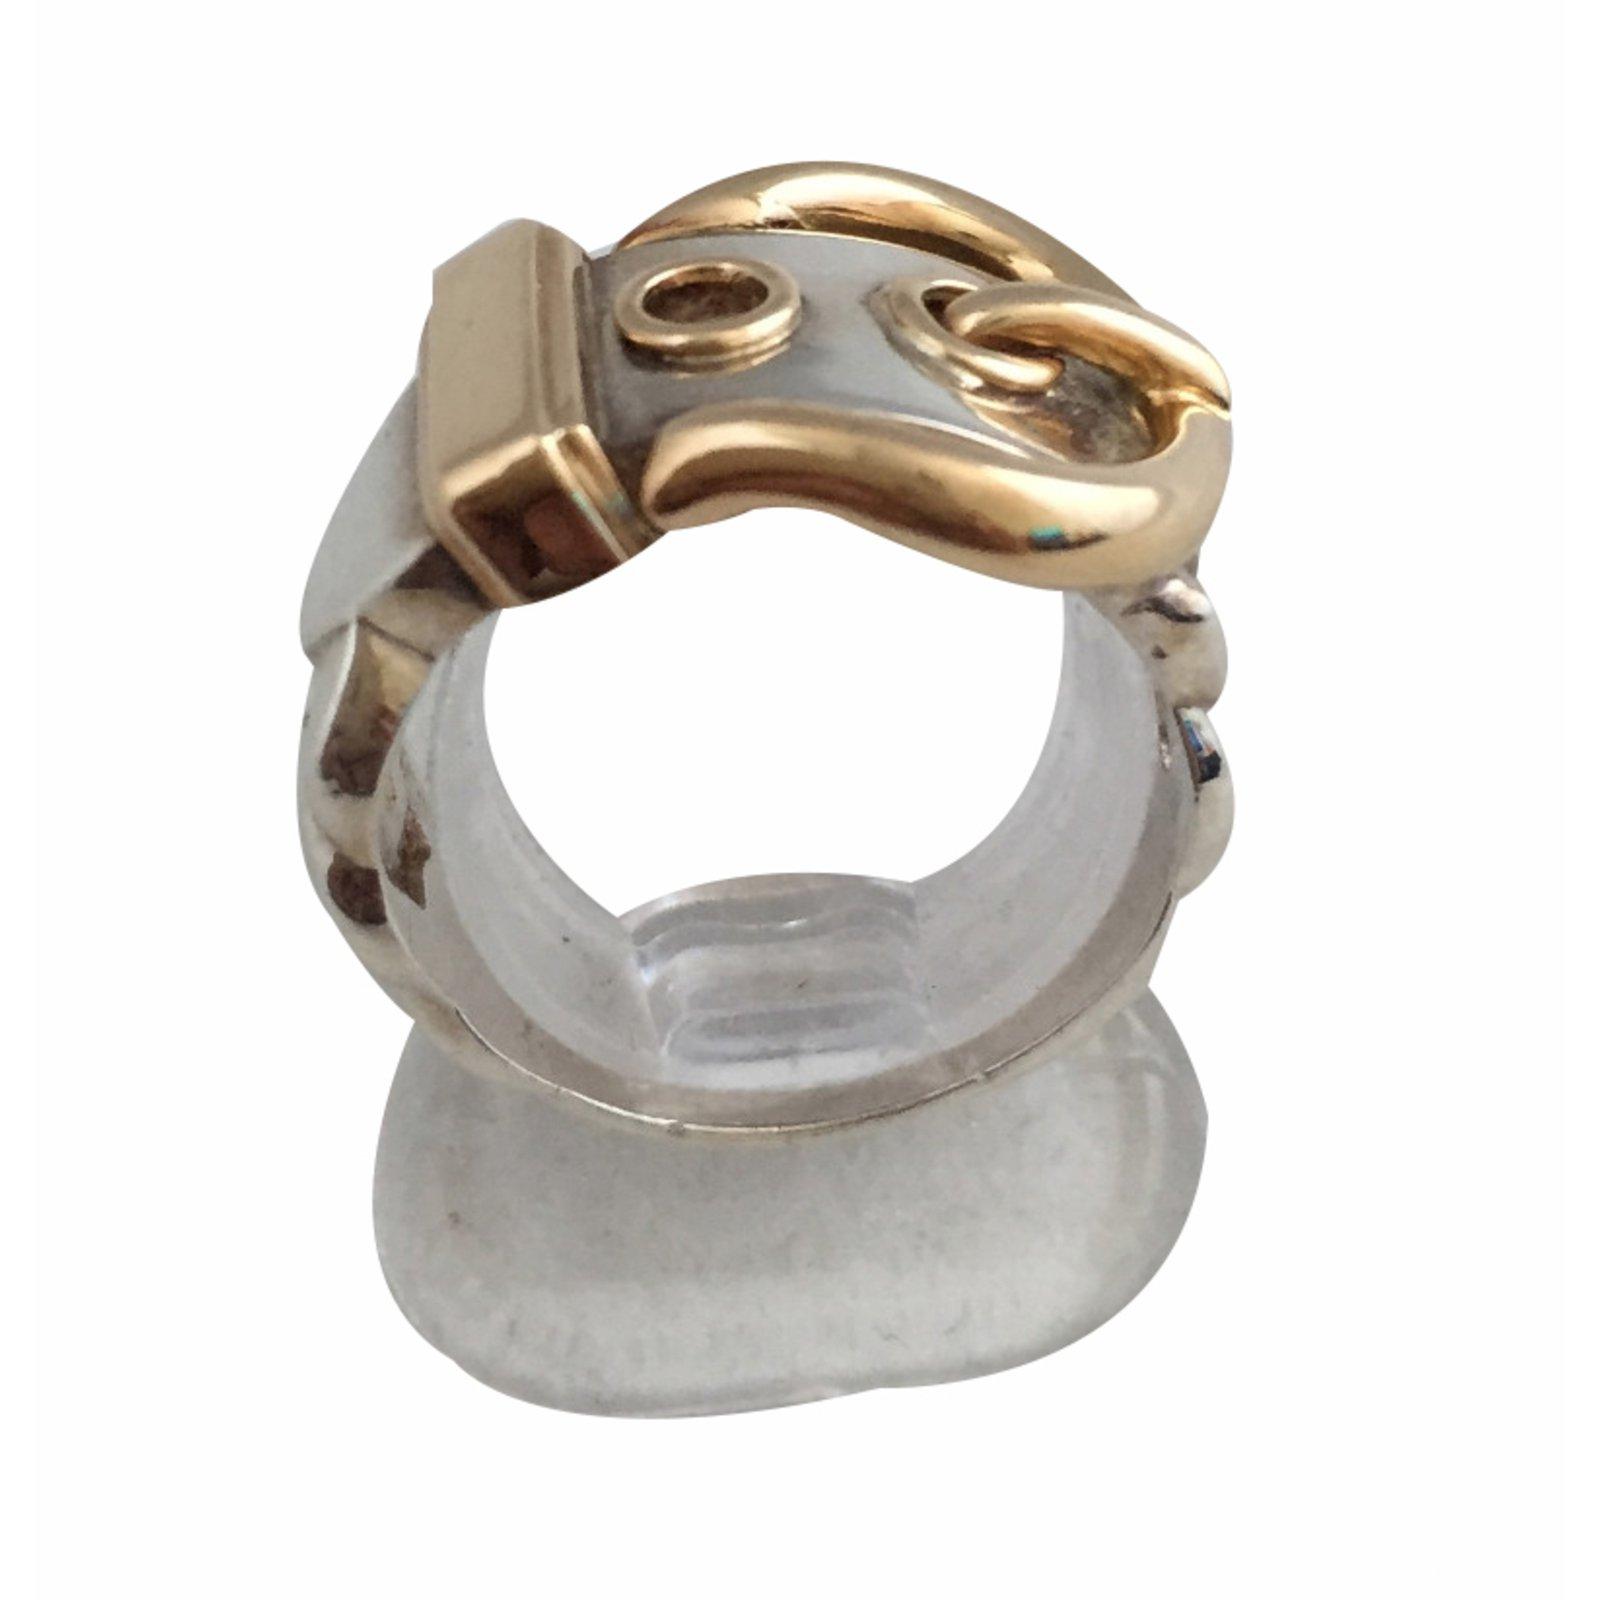 Bagues Hermès Boucle Ceinture Argent Argenté ref.20869 - Joli Closet eebb11acdc5